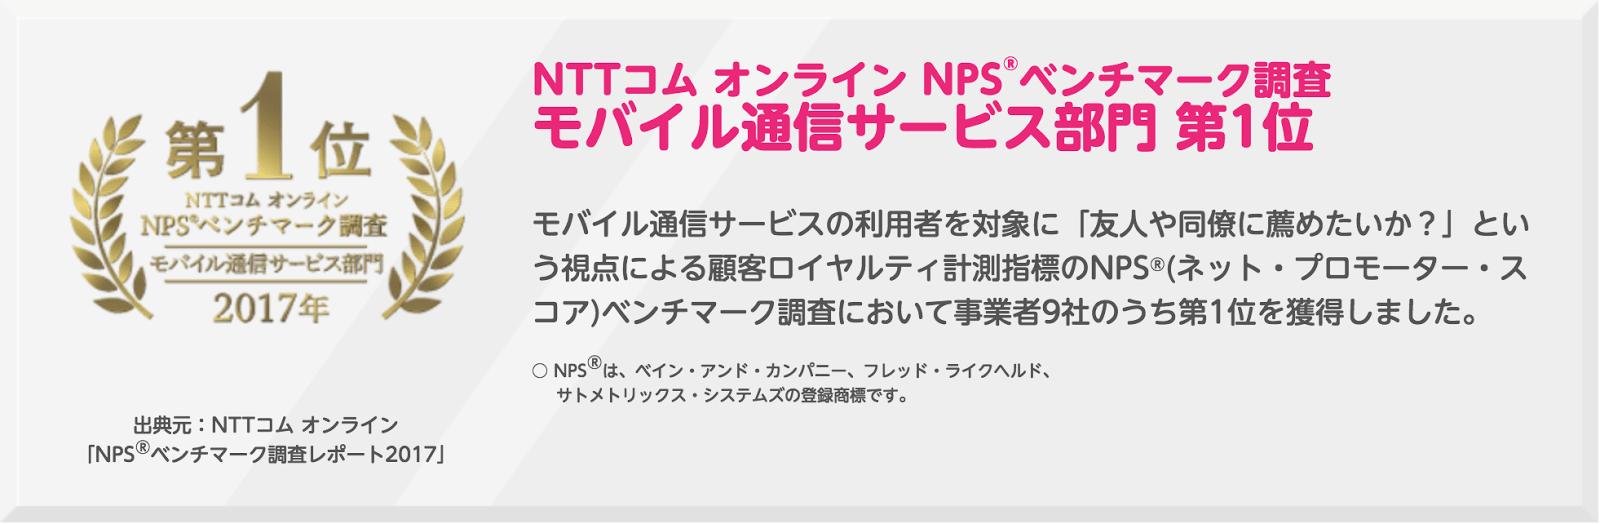 NTTコム オンラインNPSベンチマーク調査2017 モバイル通信サービス部門で第1位を取ったことを説明するイラスト